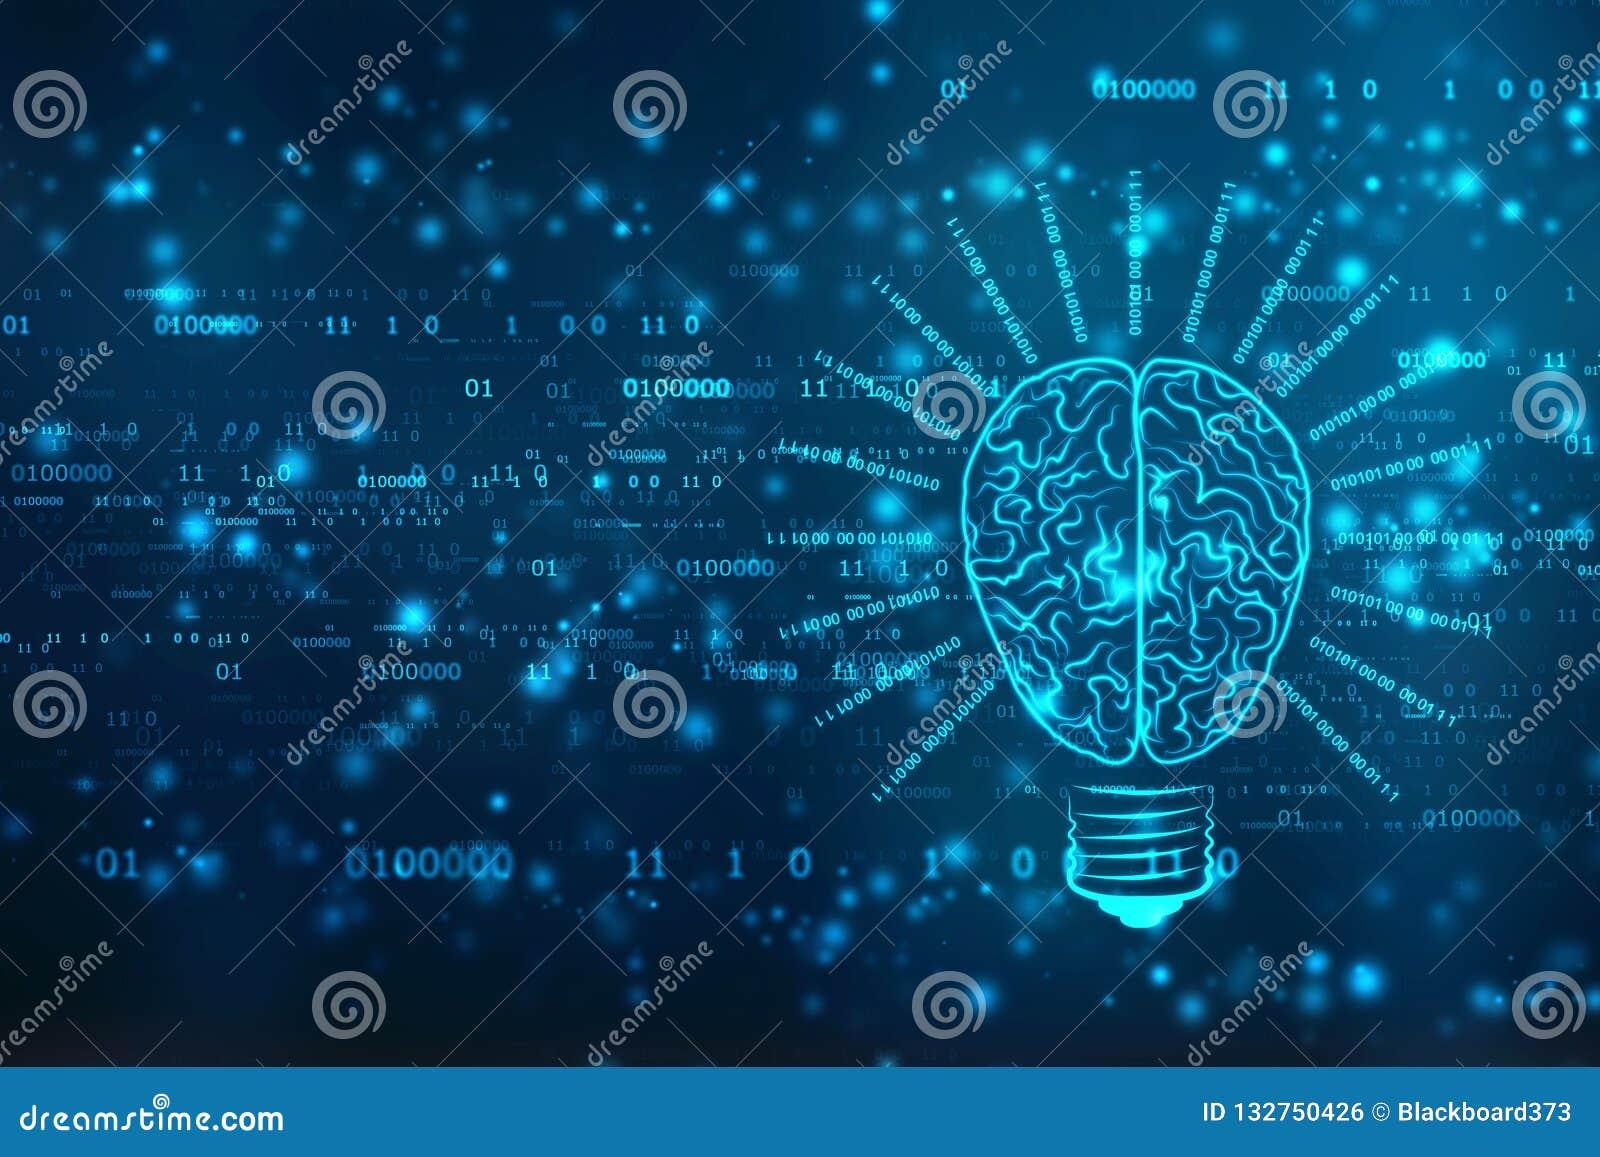 Tecnologia futura do bulbo com cérebro, fundo da inovação, conceito da inteligência artificial